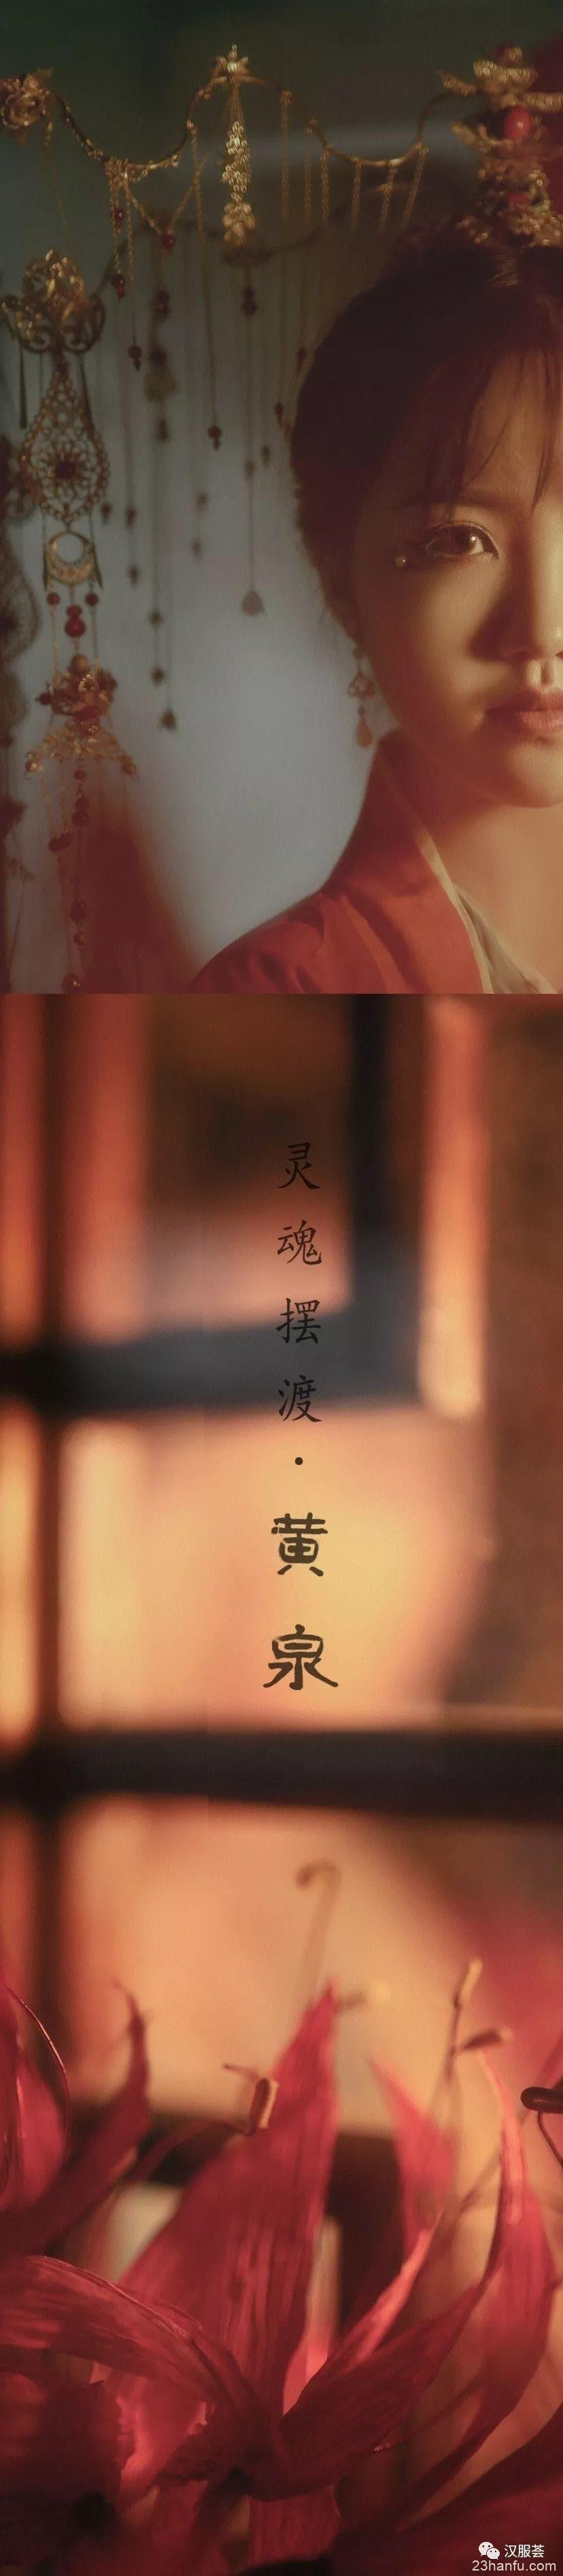 【汉服奇幻】灵魂摆渡 黄泉